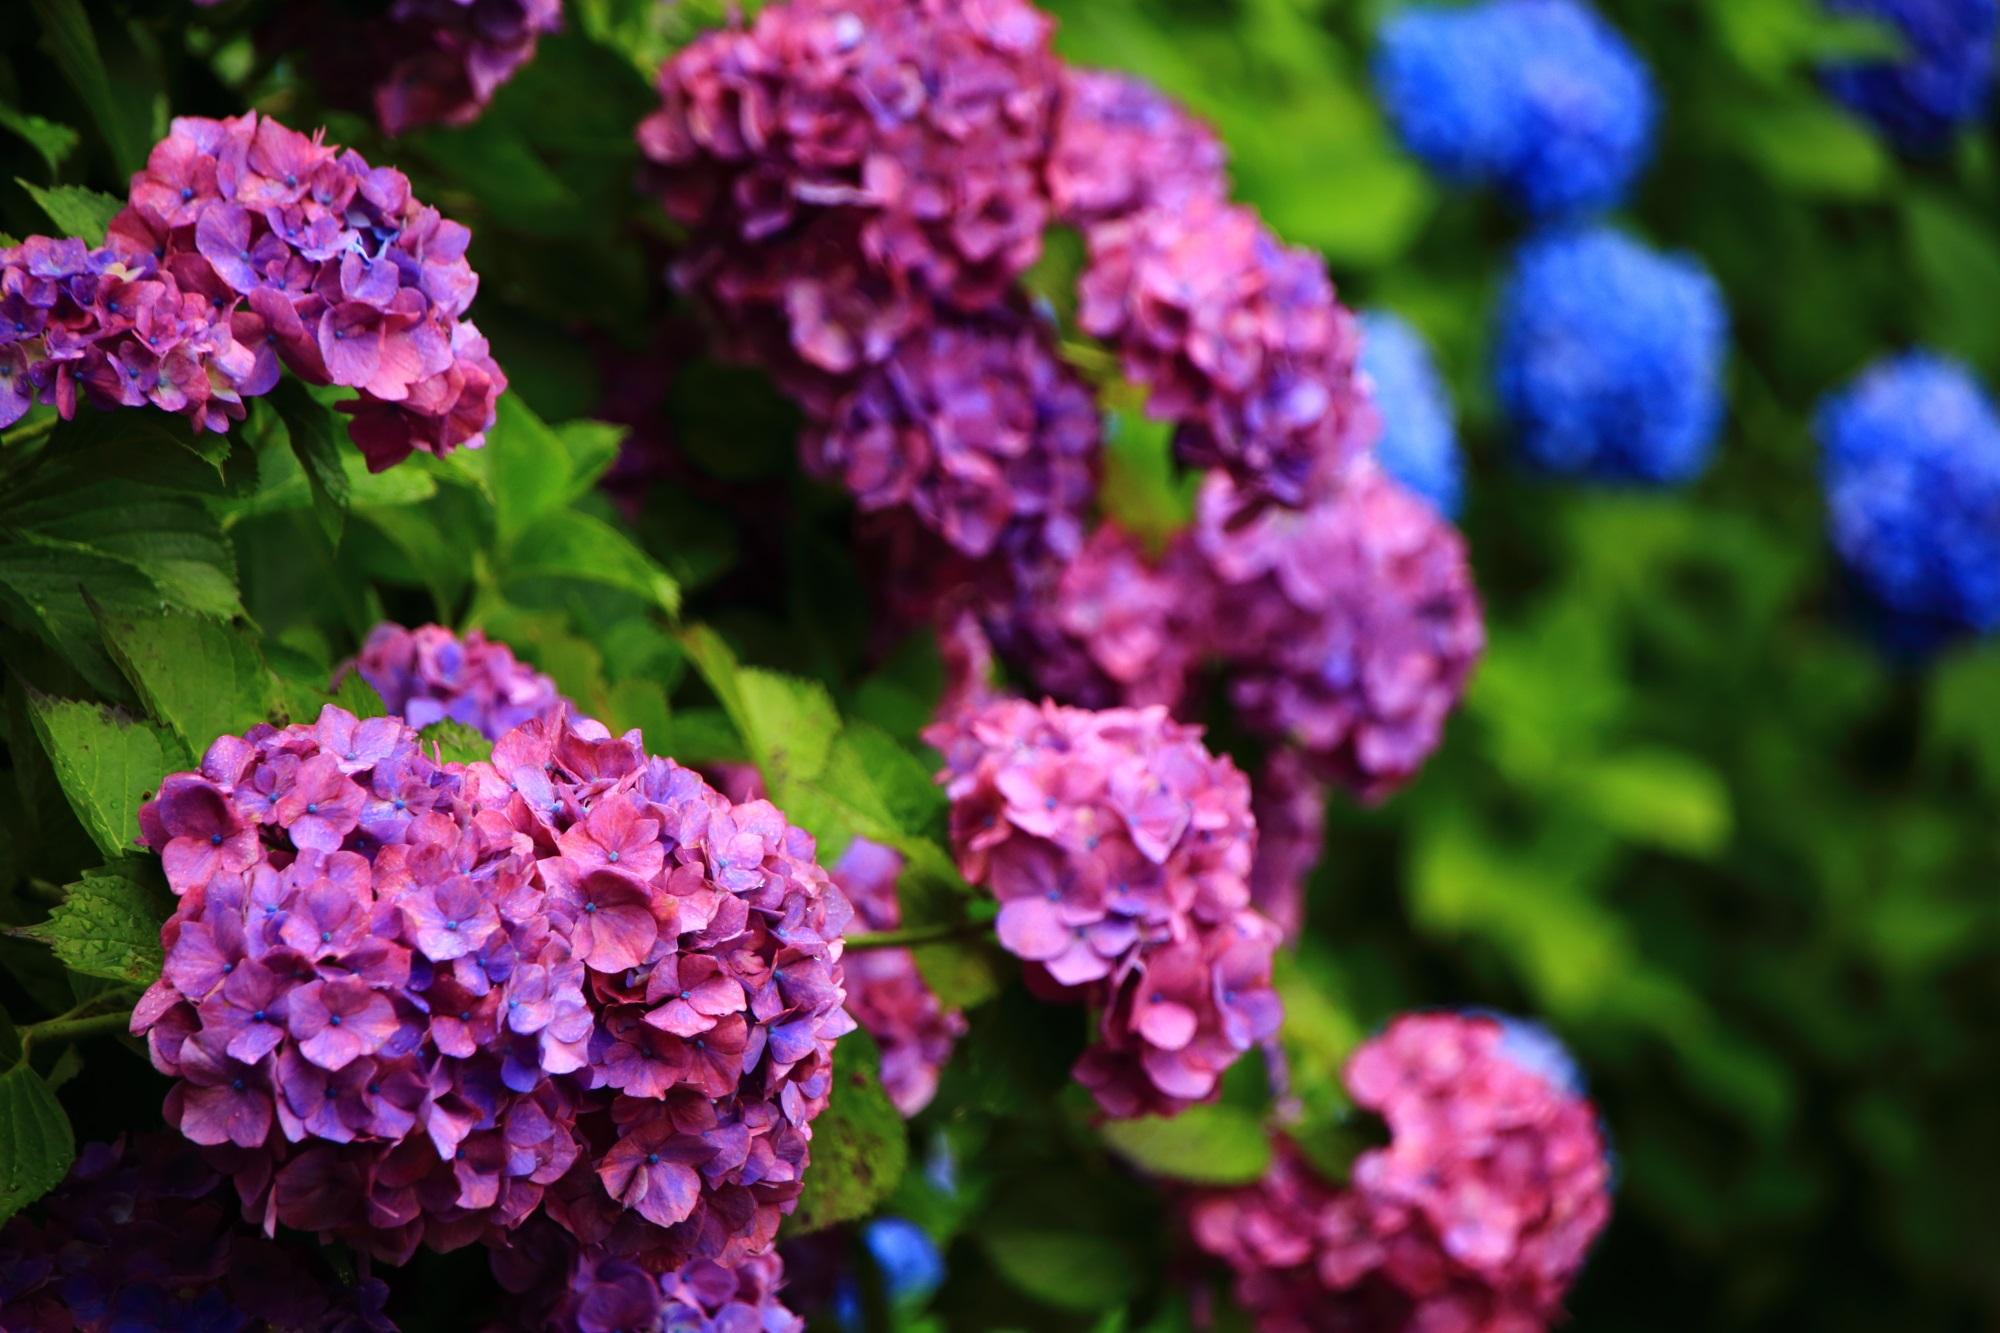 艶やかな色合いの濃い紫の紫陽花